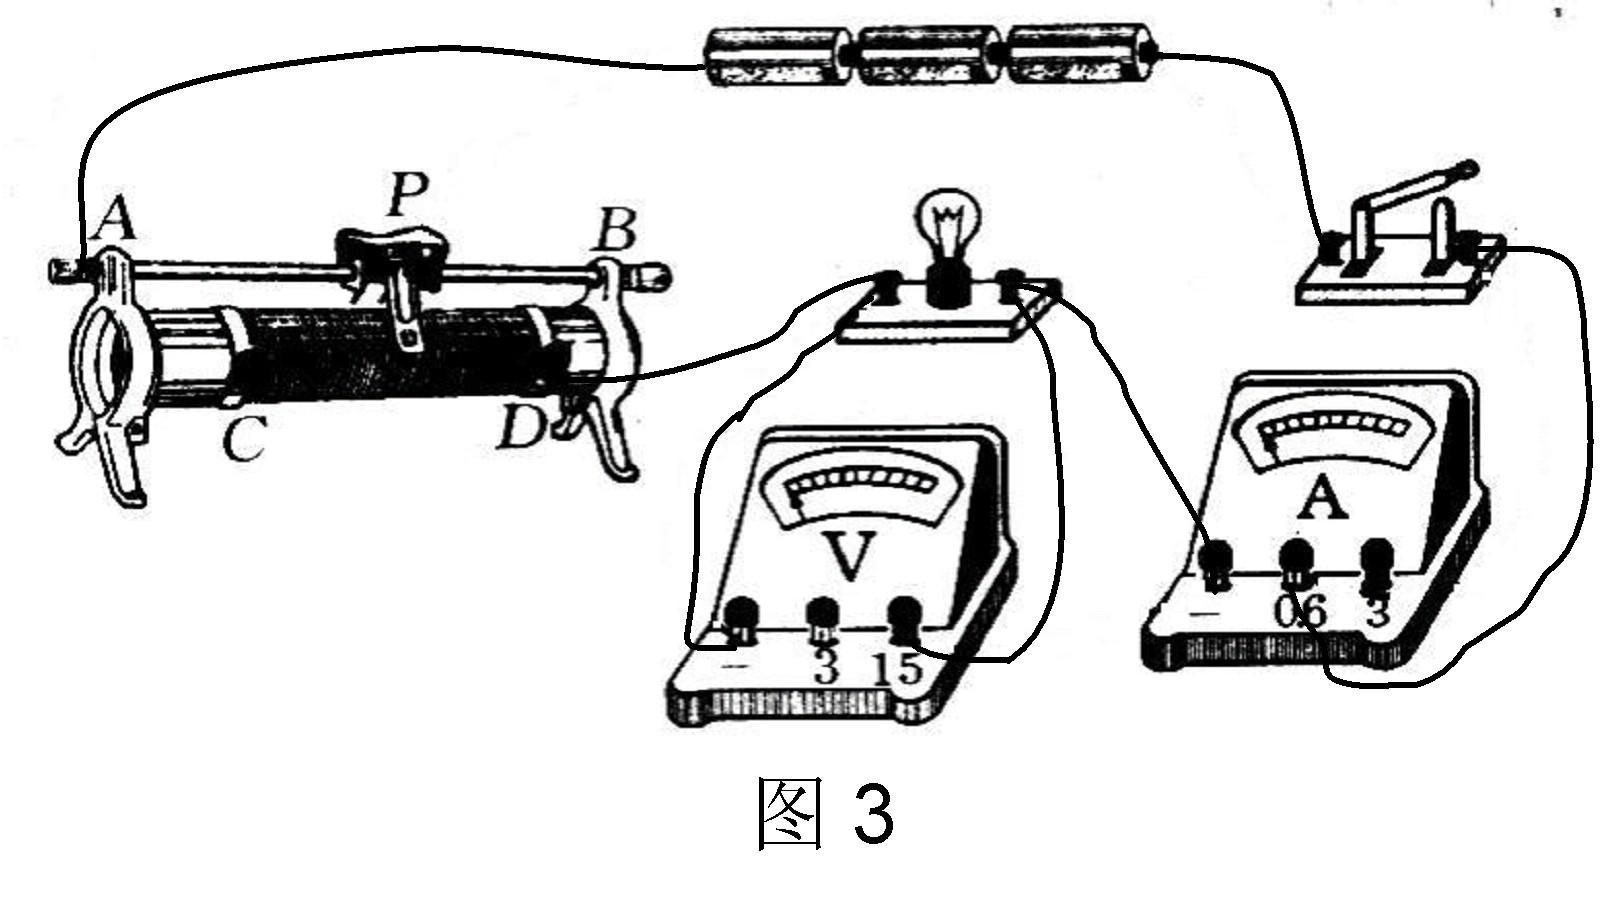 ⑴请根据图乙所示的实验电路图